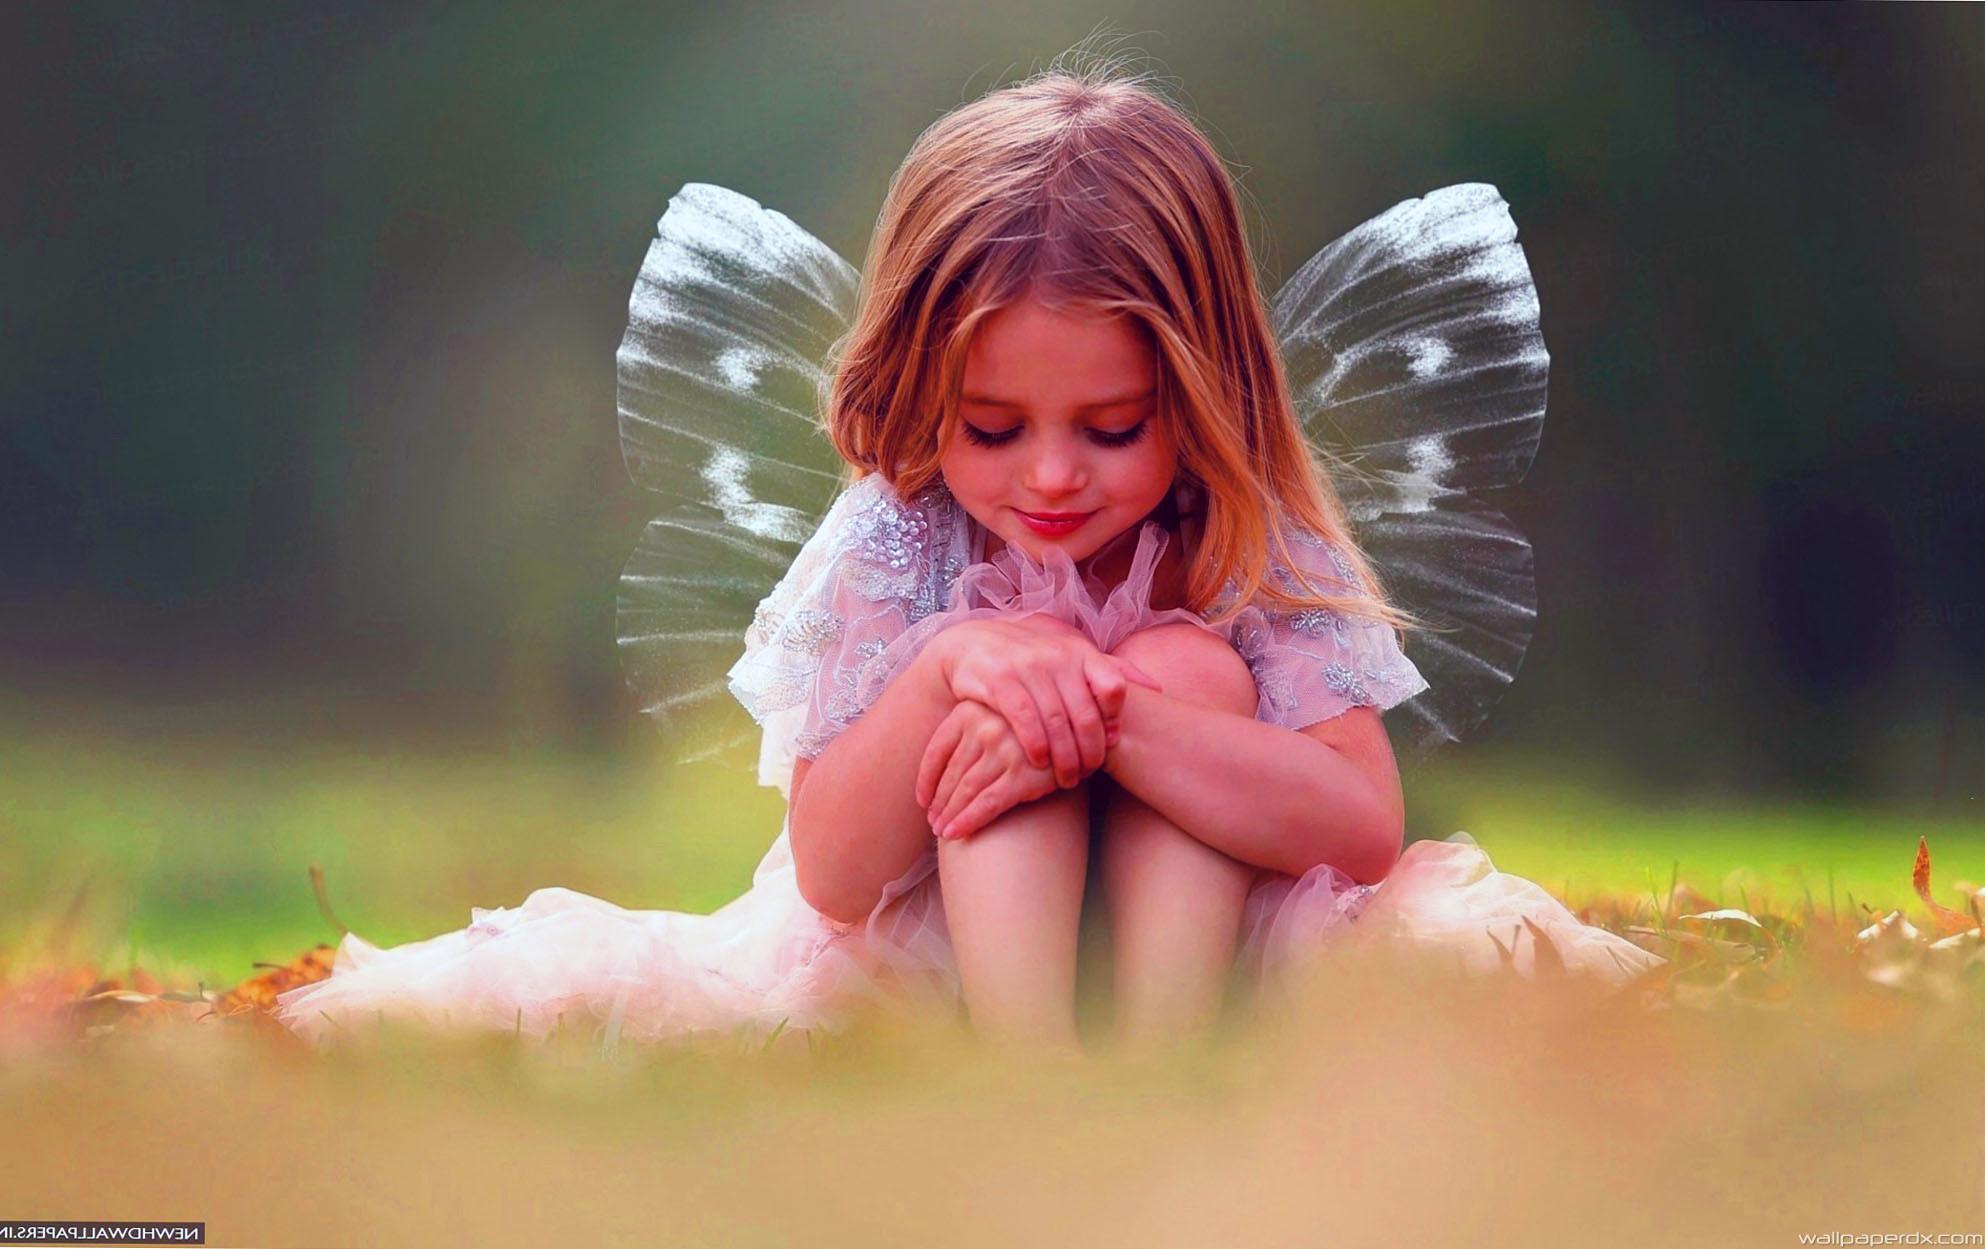 Res: 1985x1249, fairy wings cute baby beautiful girl wallpaper full hd wallpaper